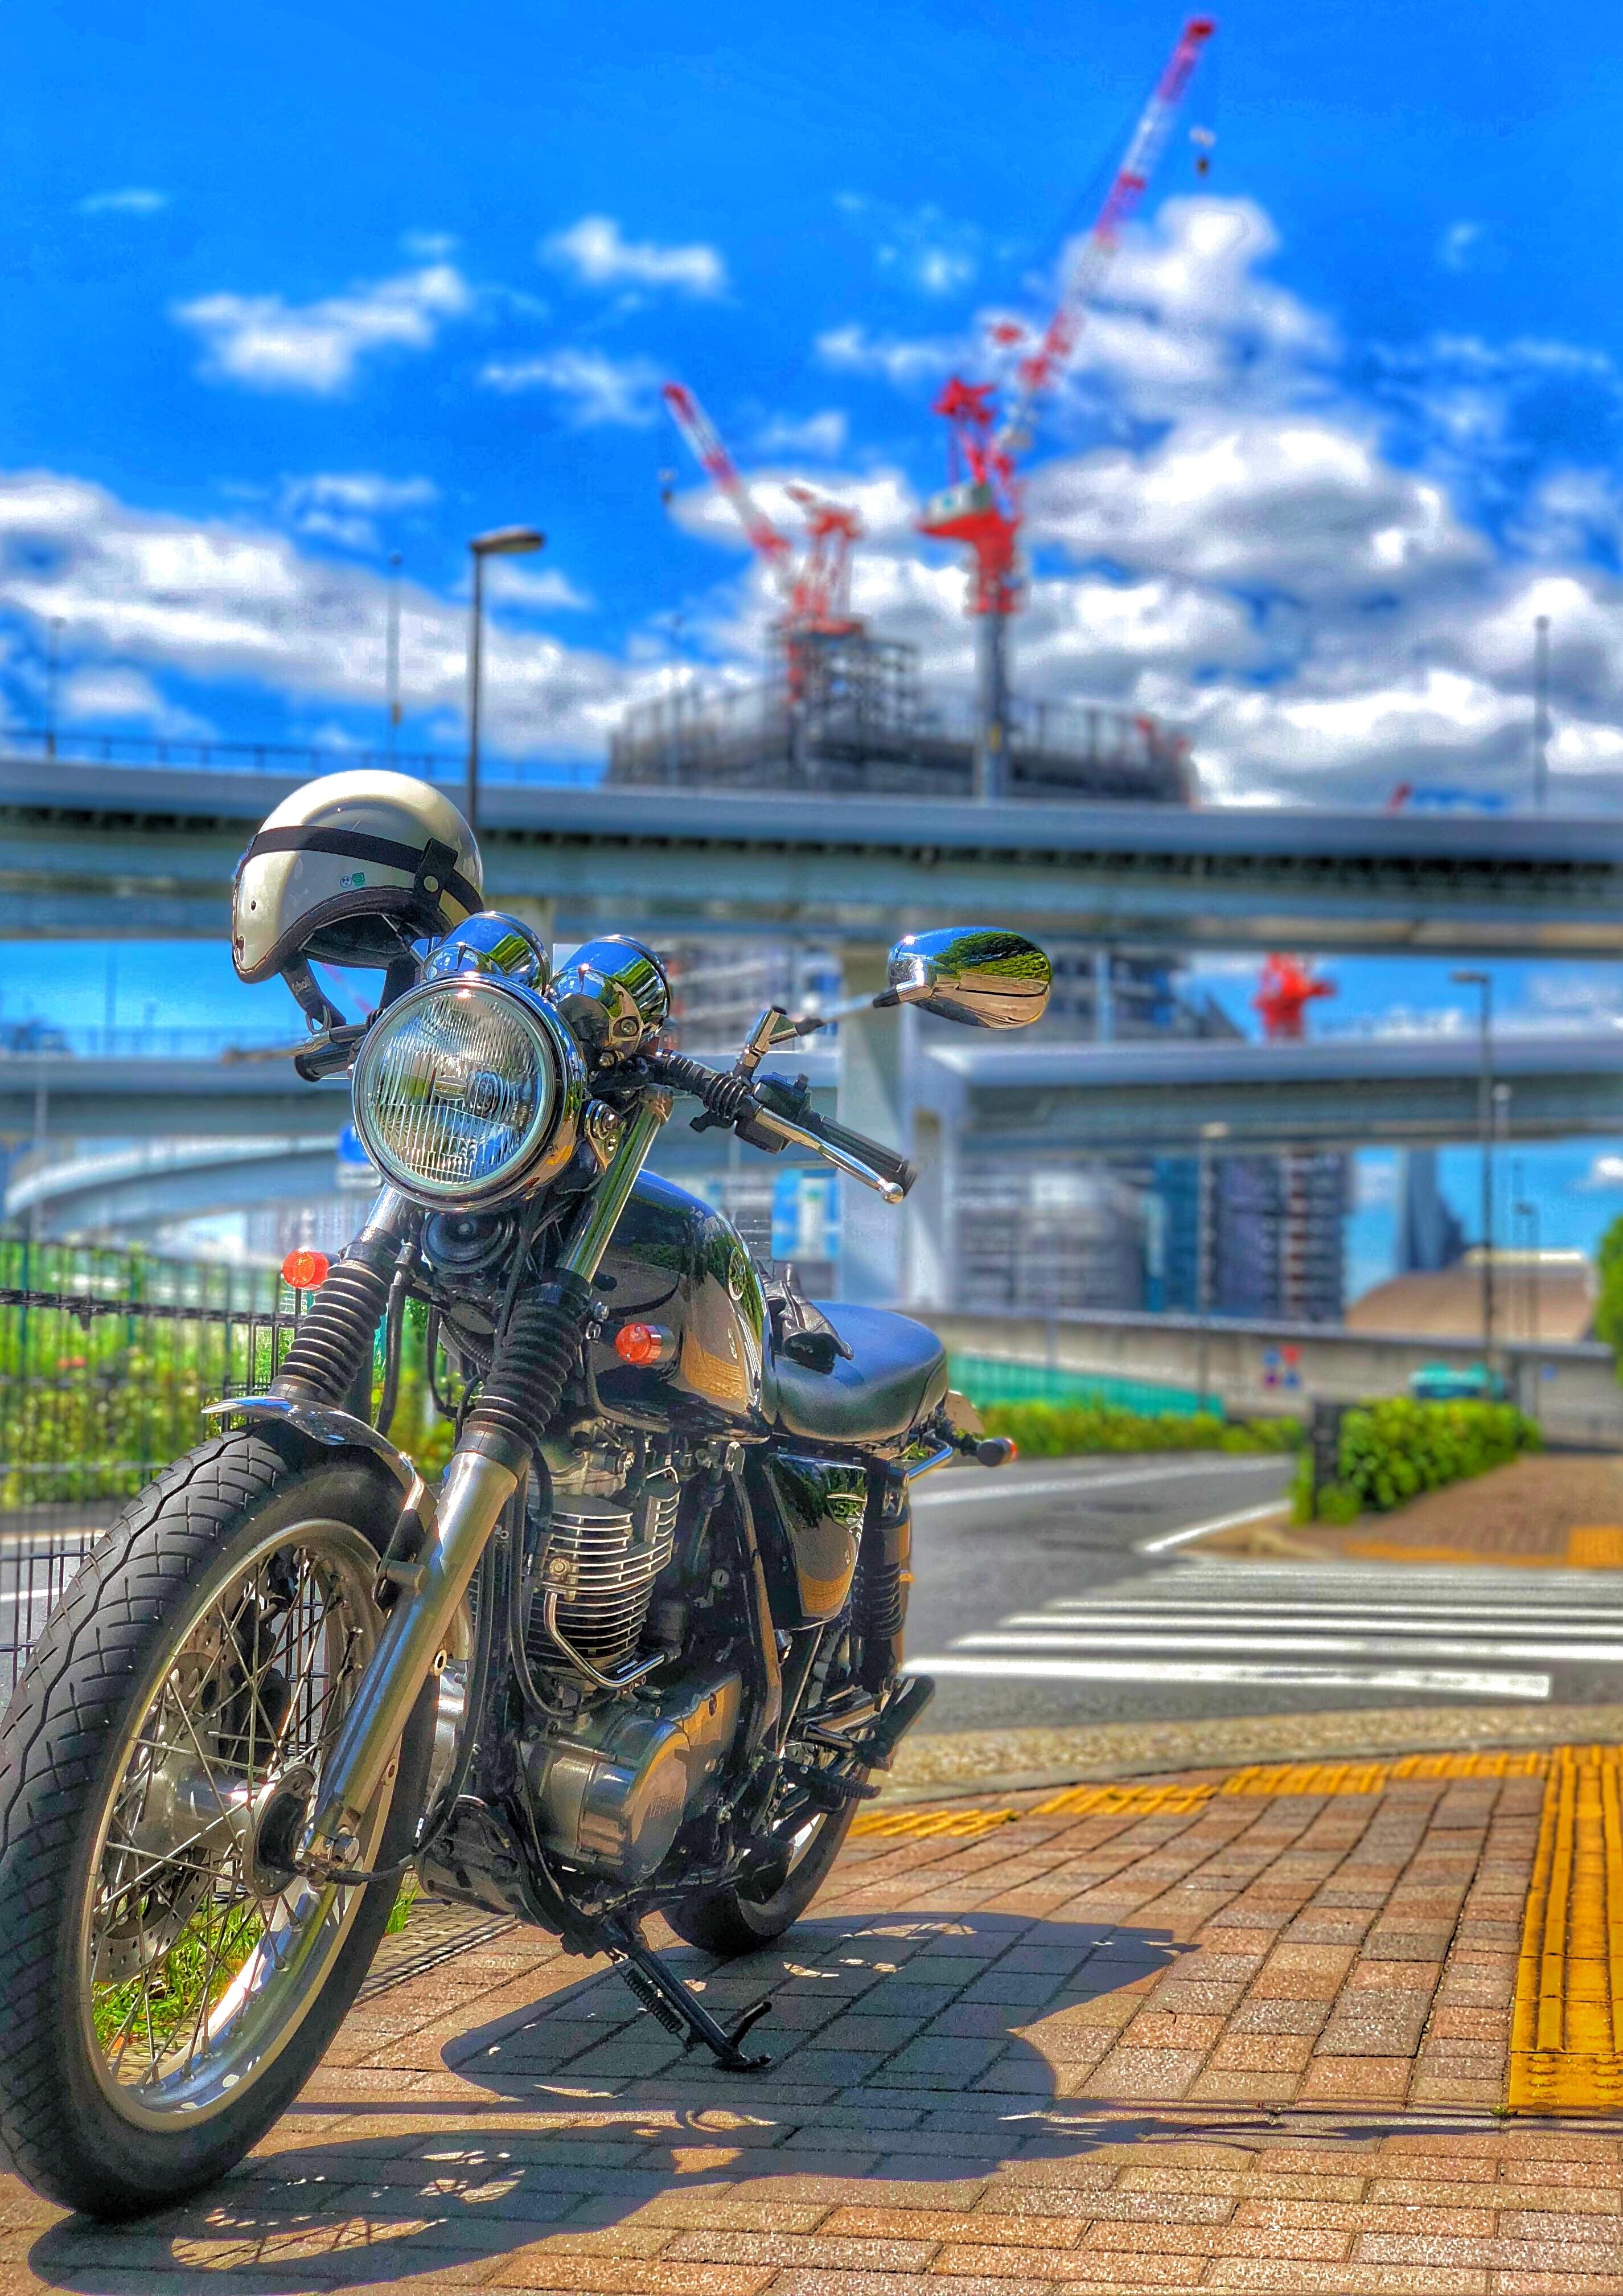 f:id:yukiaveiro:20181019012224j:image